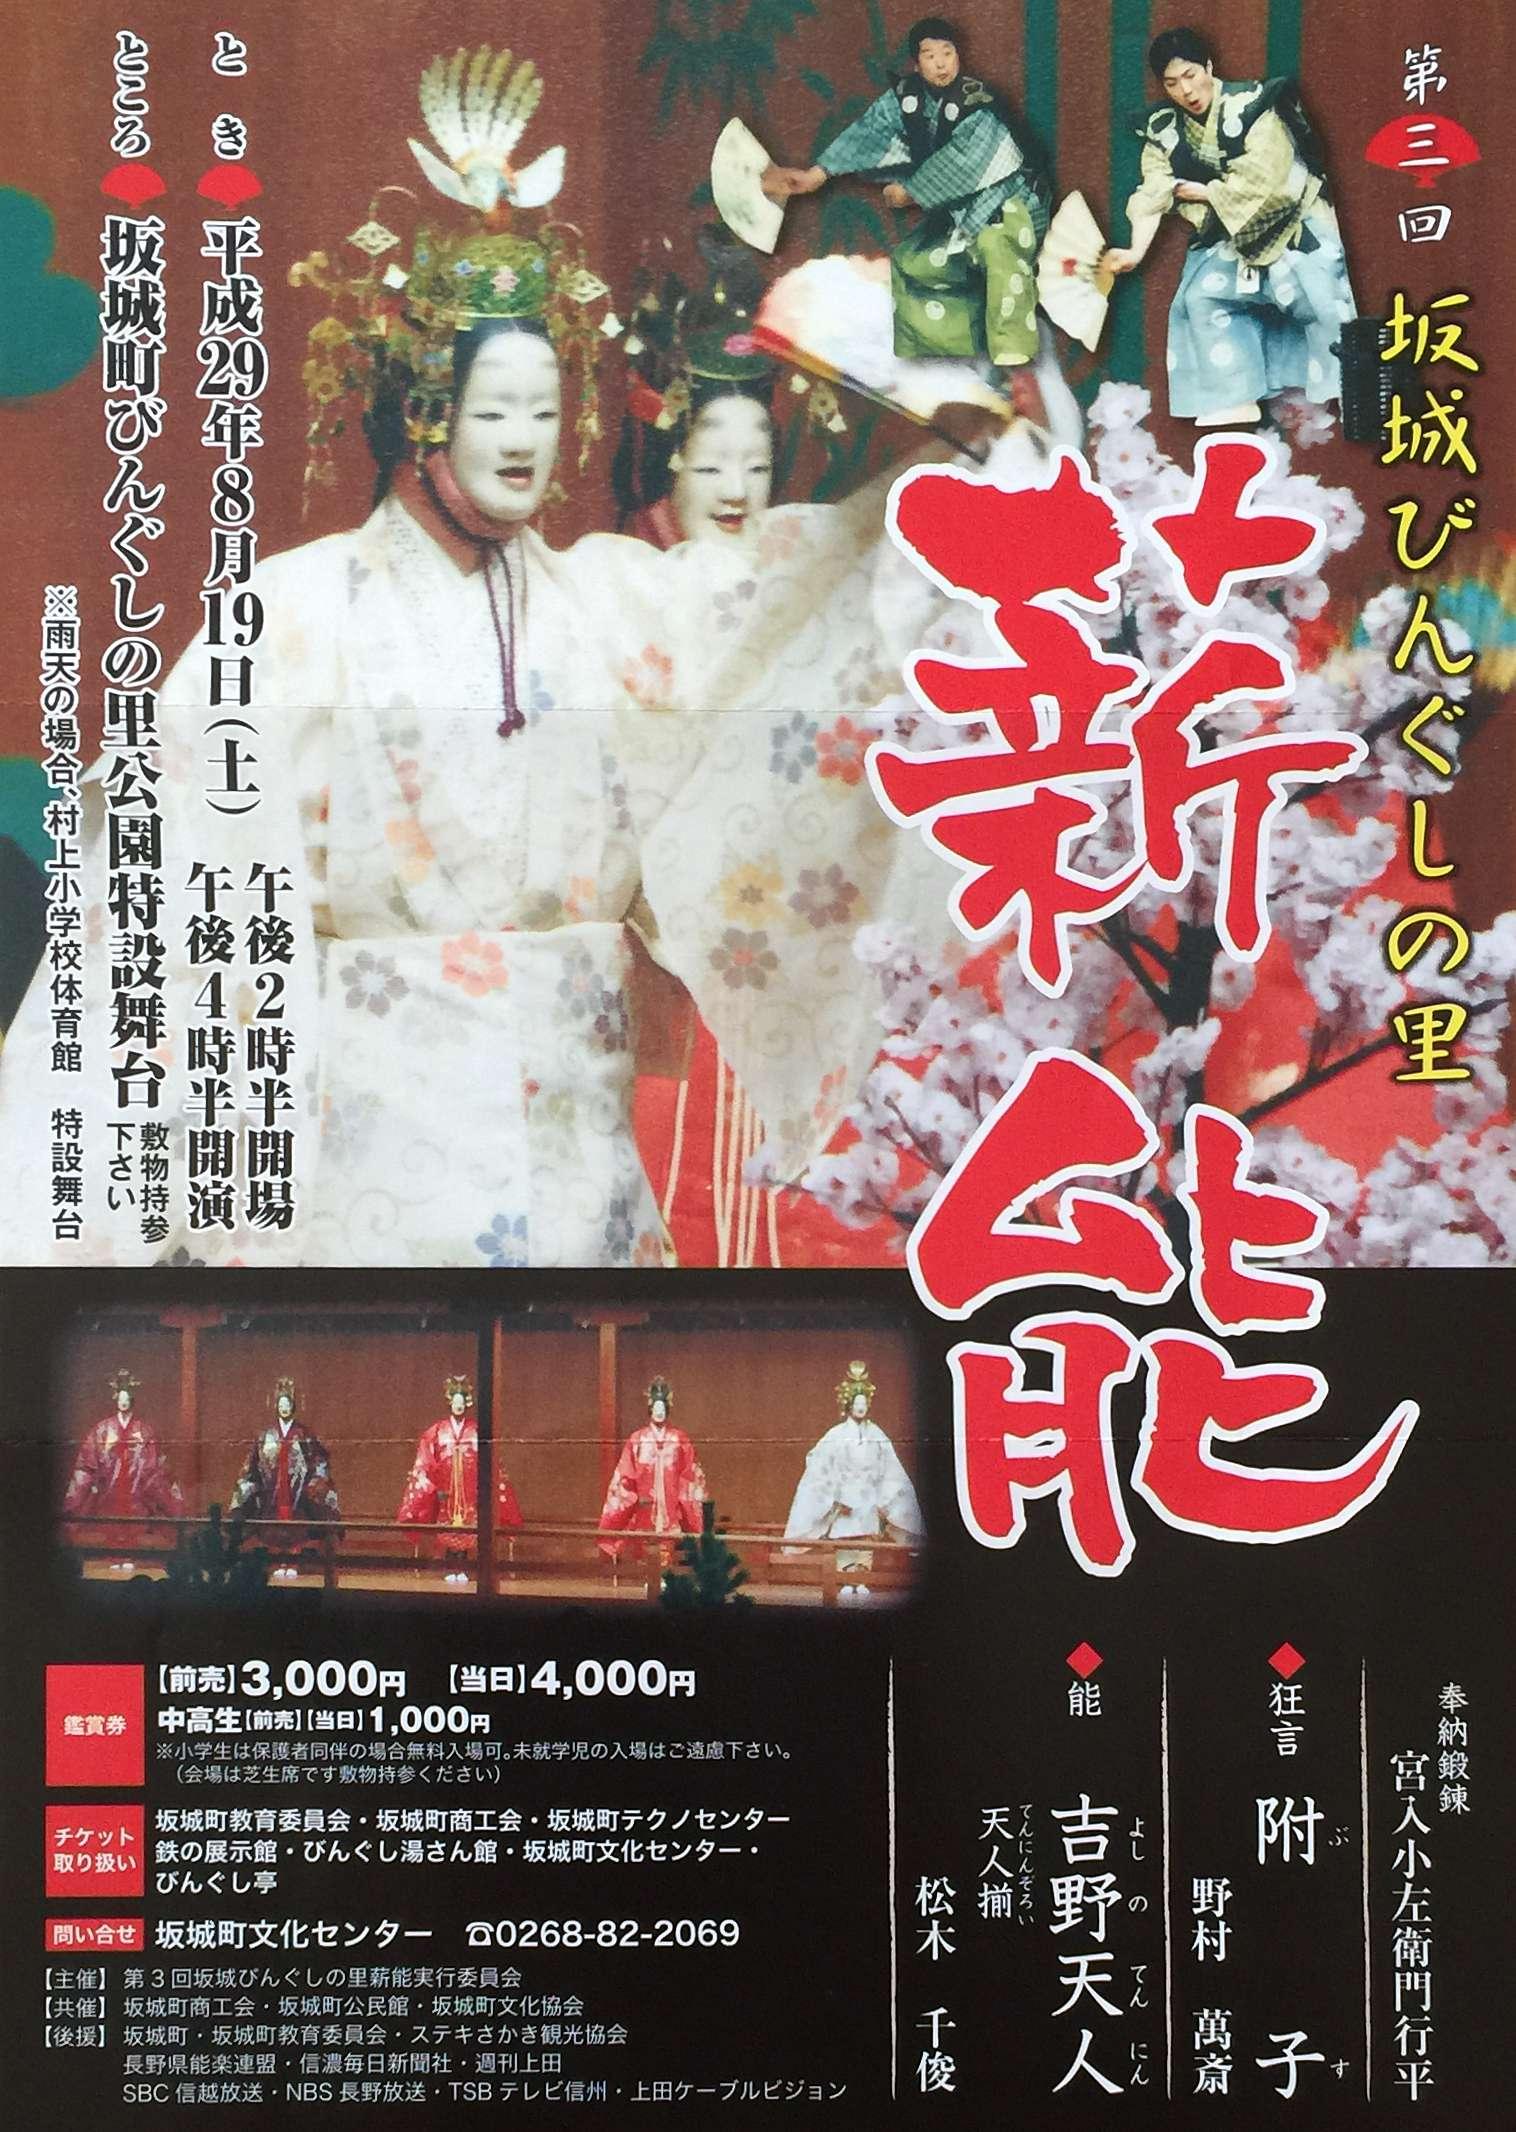 2017年8月19日 坂城びんぐしの里 薪能「吉野天人」